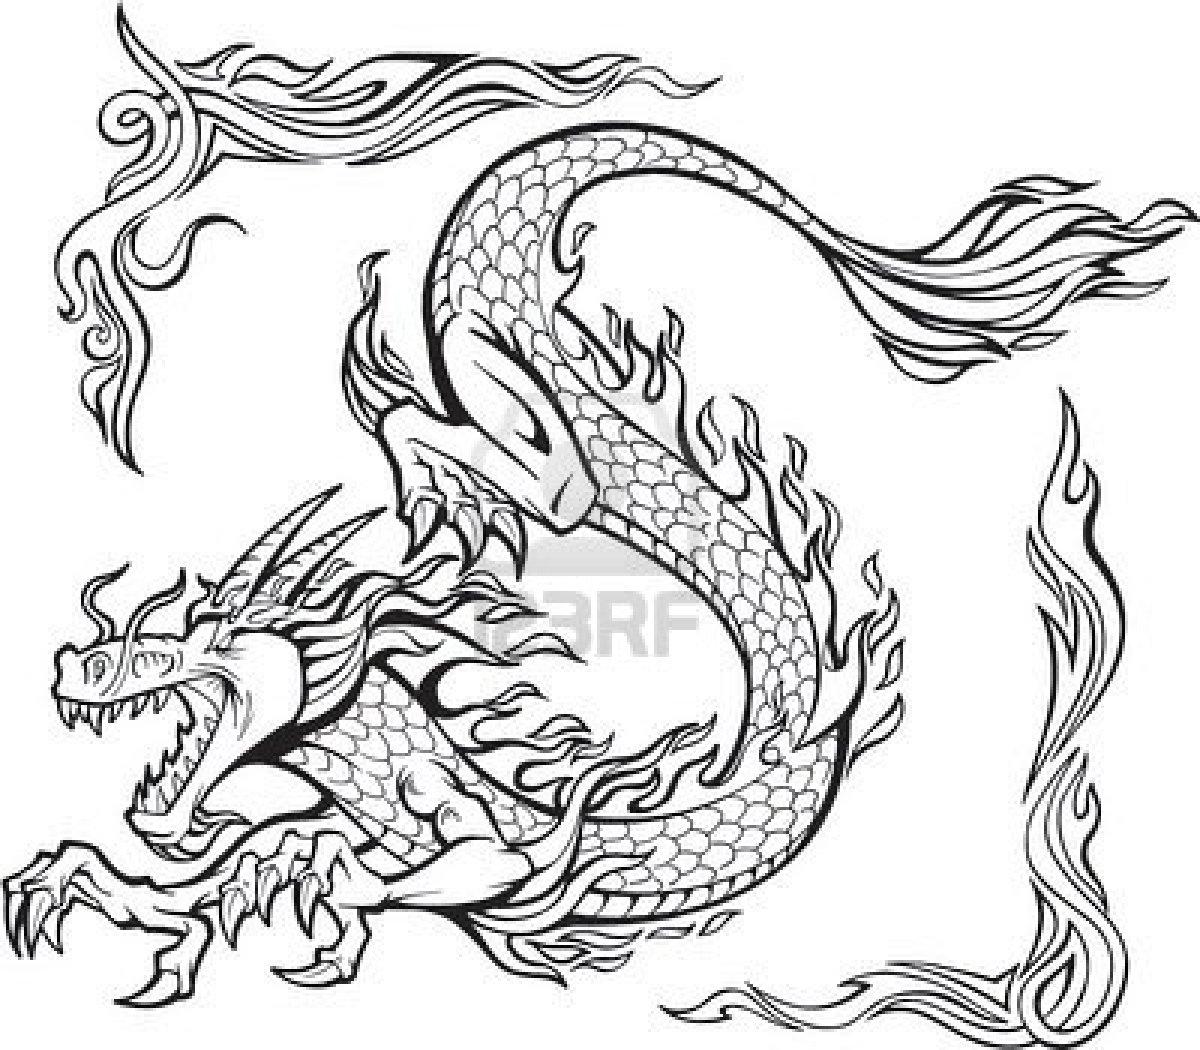 Dibujos De Dragones Para Imprimir Y Colorear picture gallery